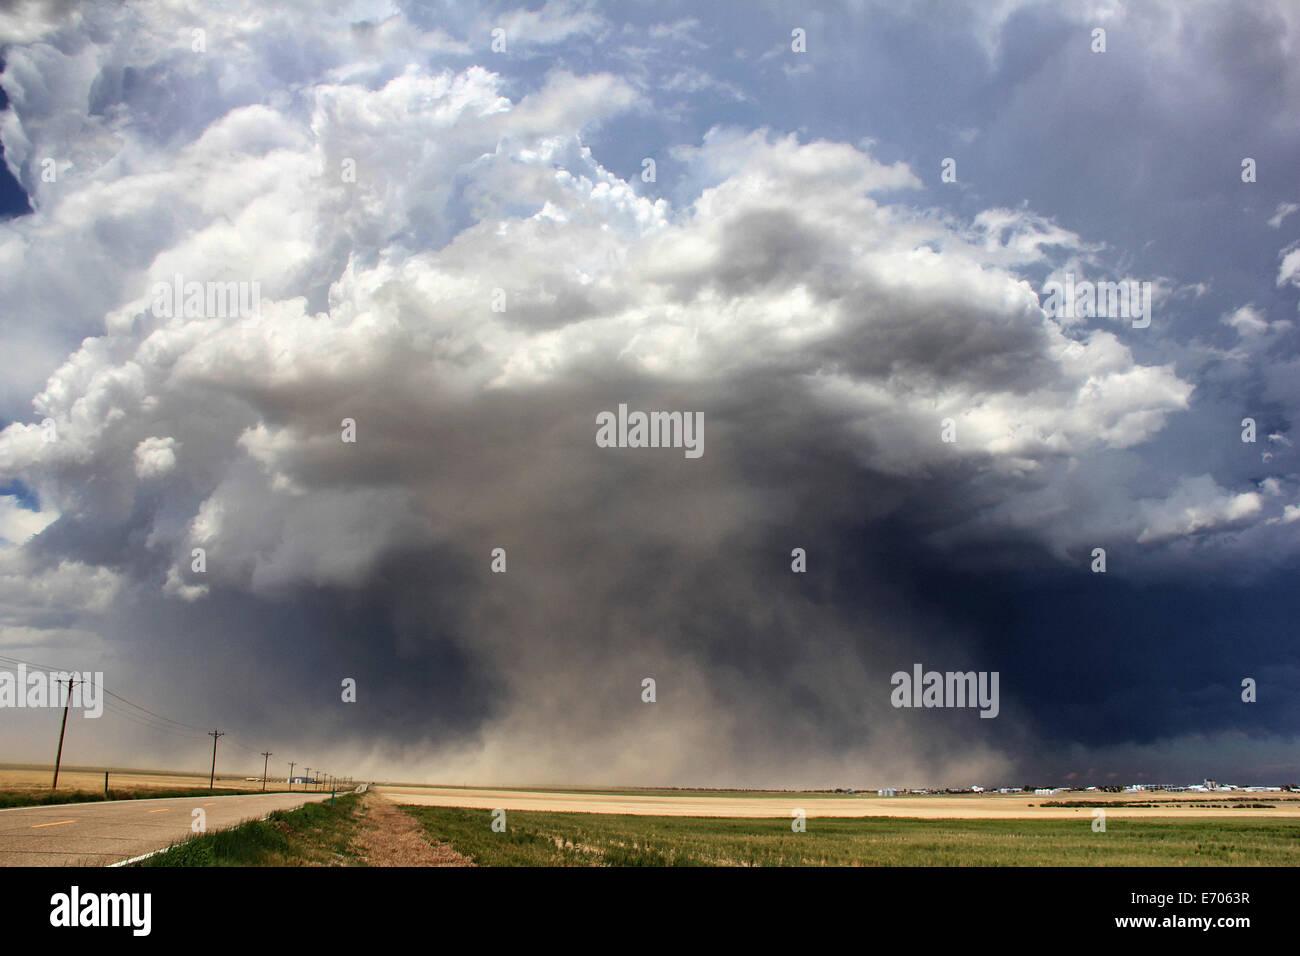 Un massiccio supercell aspira polvere nella corrente ascensionale che conduce a una violenta tempesta di polvere, Immagini Stock